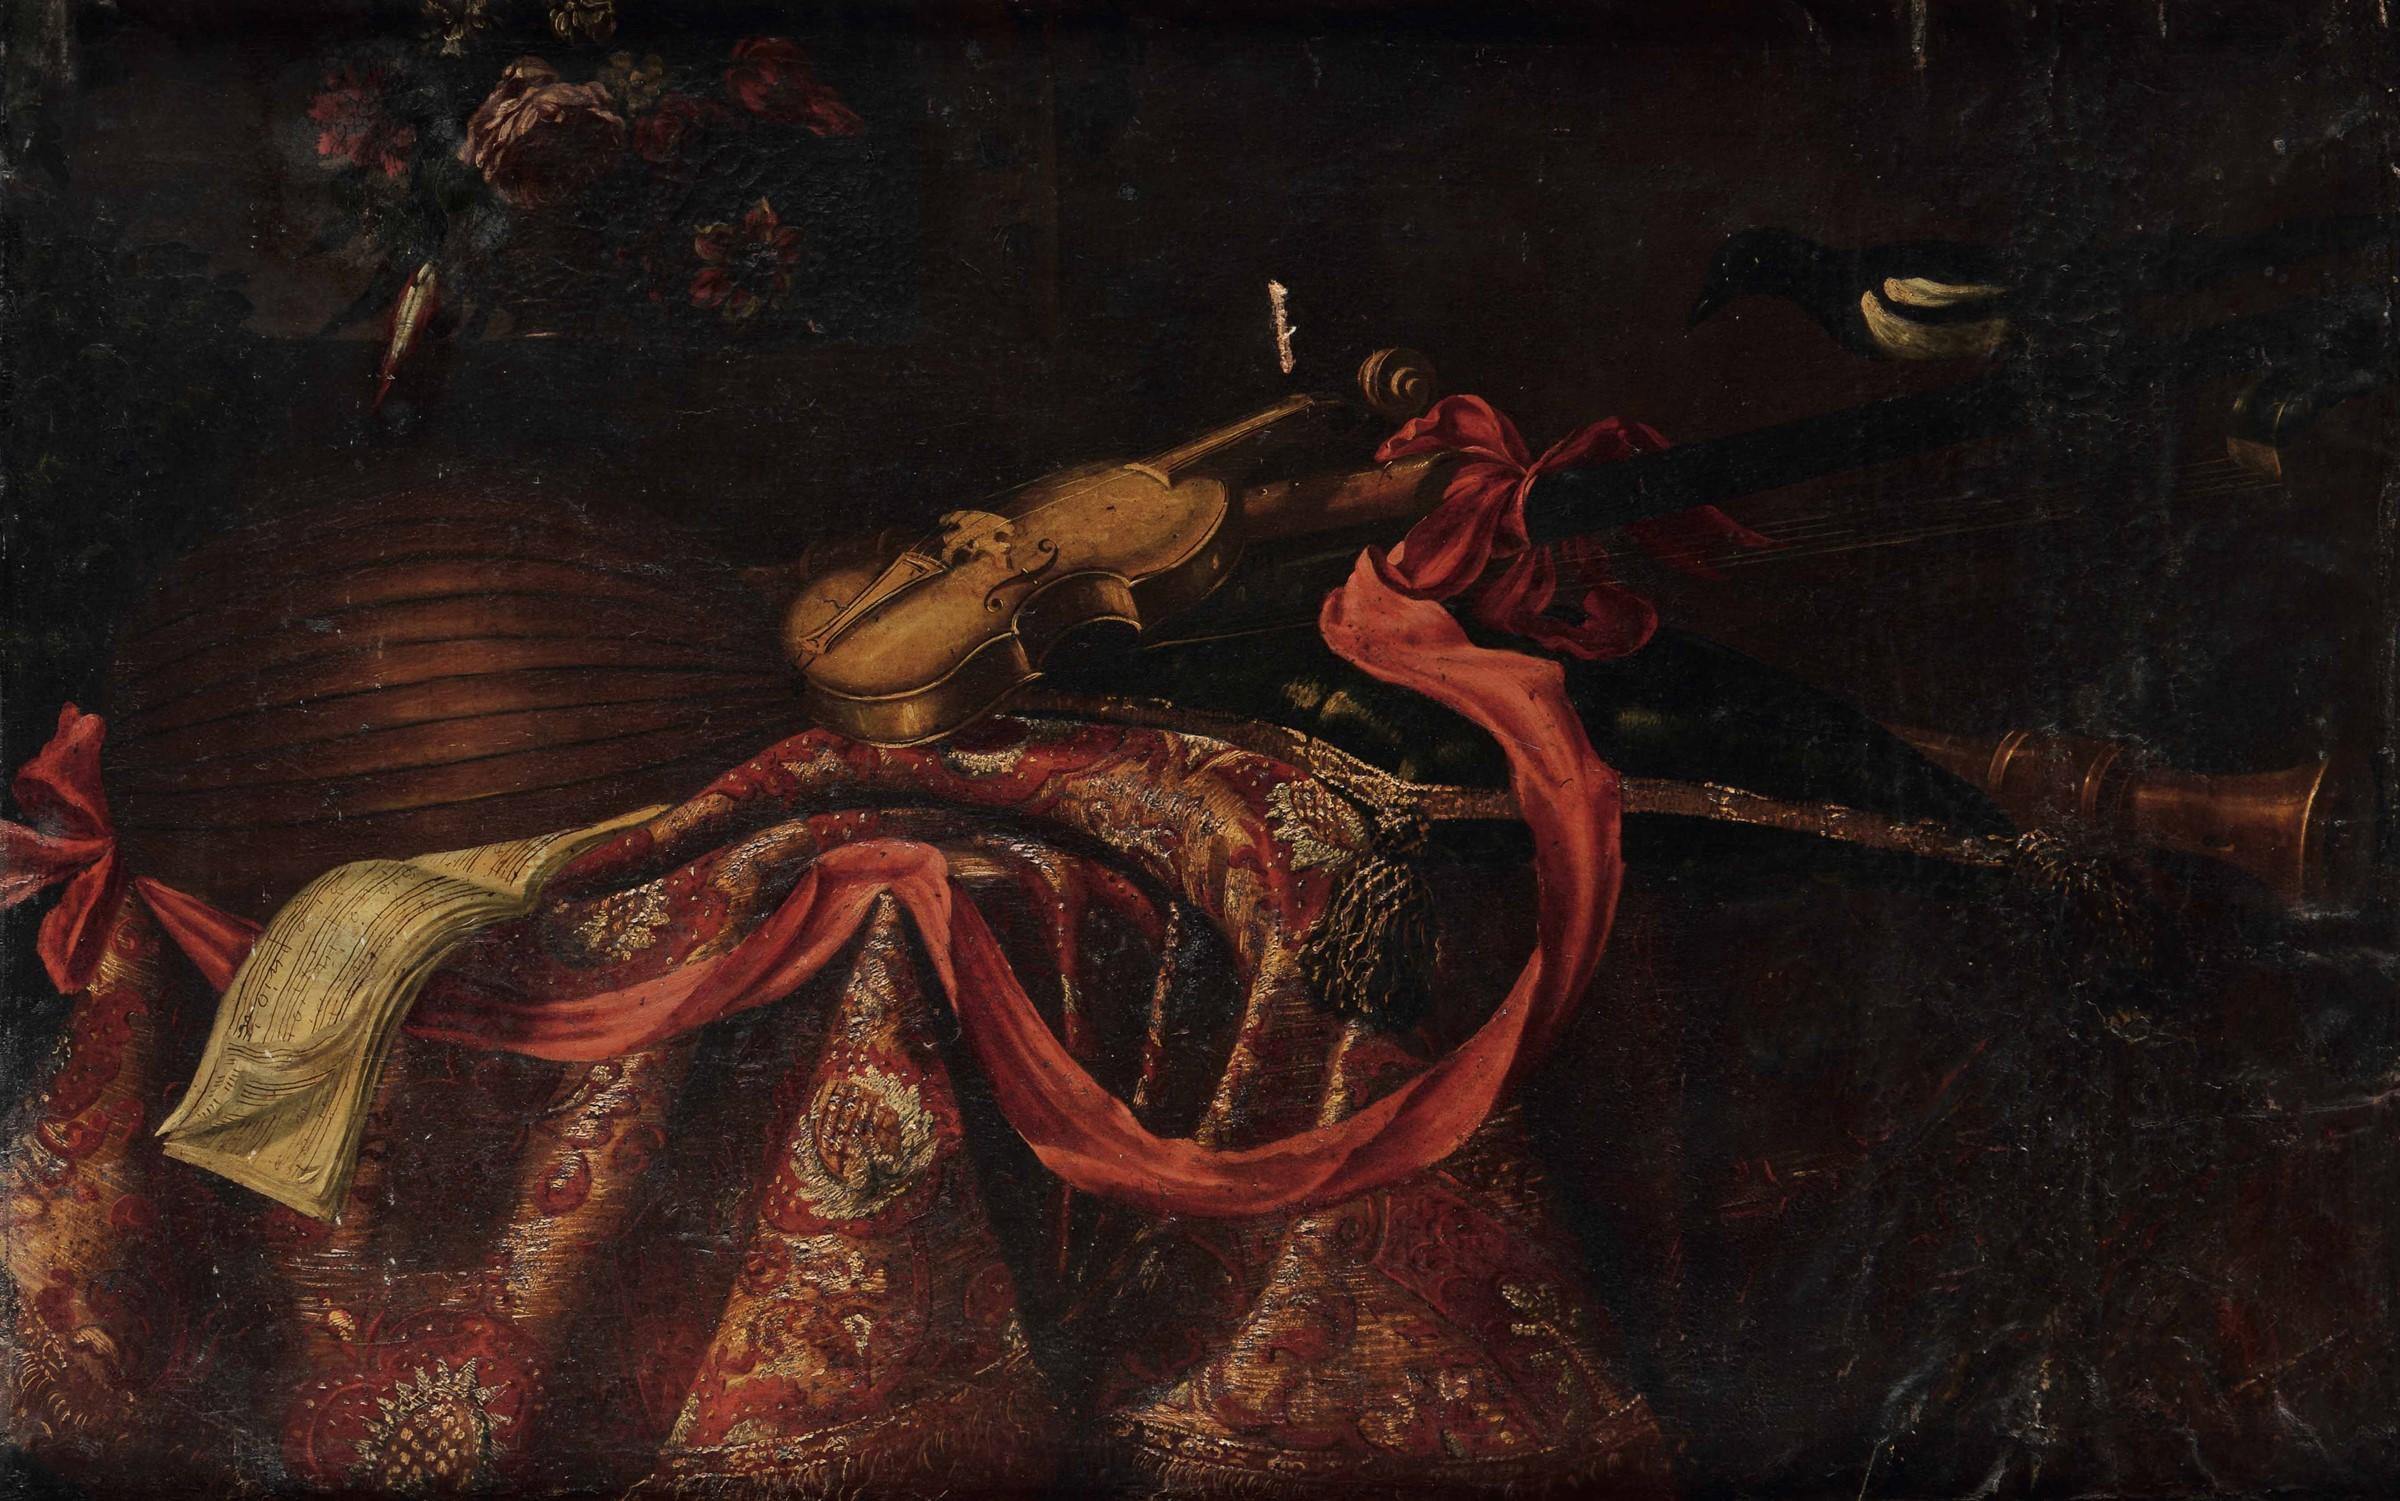 Giuseppe Recco (Napoli 1634 - Alicante 1695), Natura morta con strumenti e tappeti - [...]